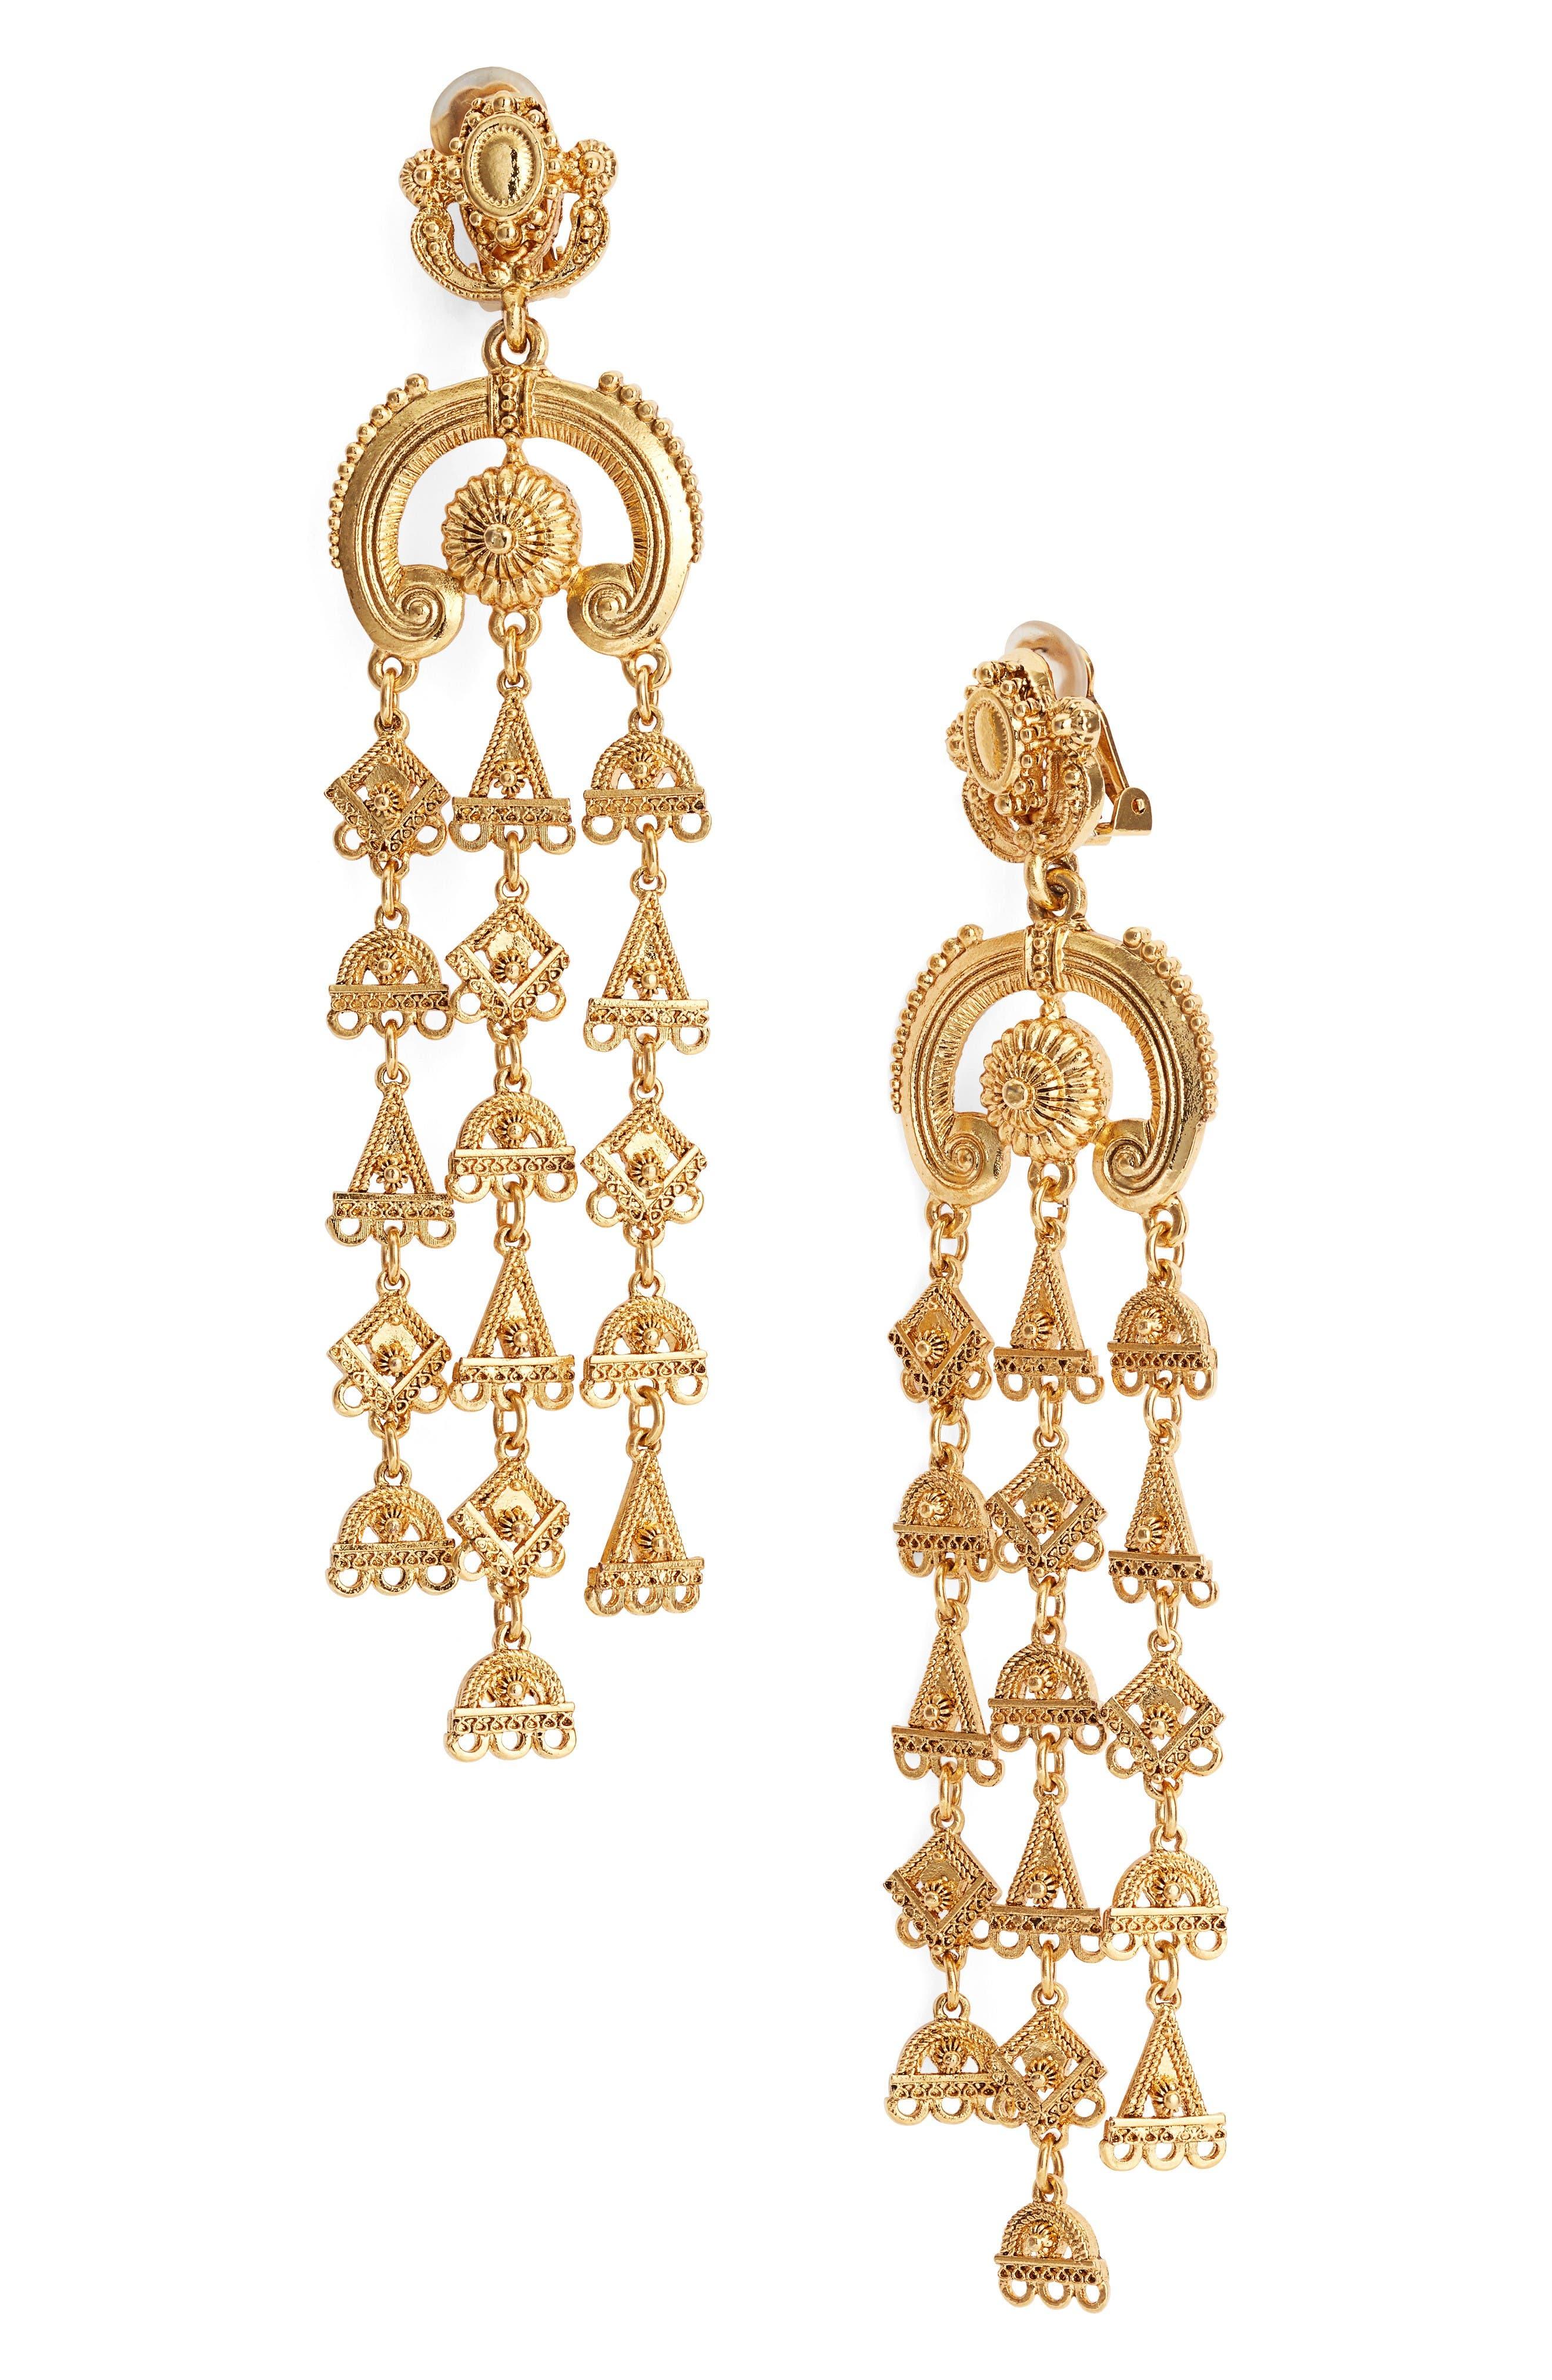 Alternate Image 1 Selected - Oscar de la Renta Ornate Charm Chandelier Clip Earrings